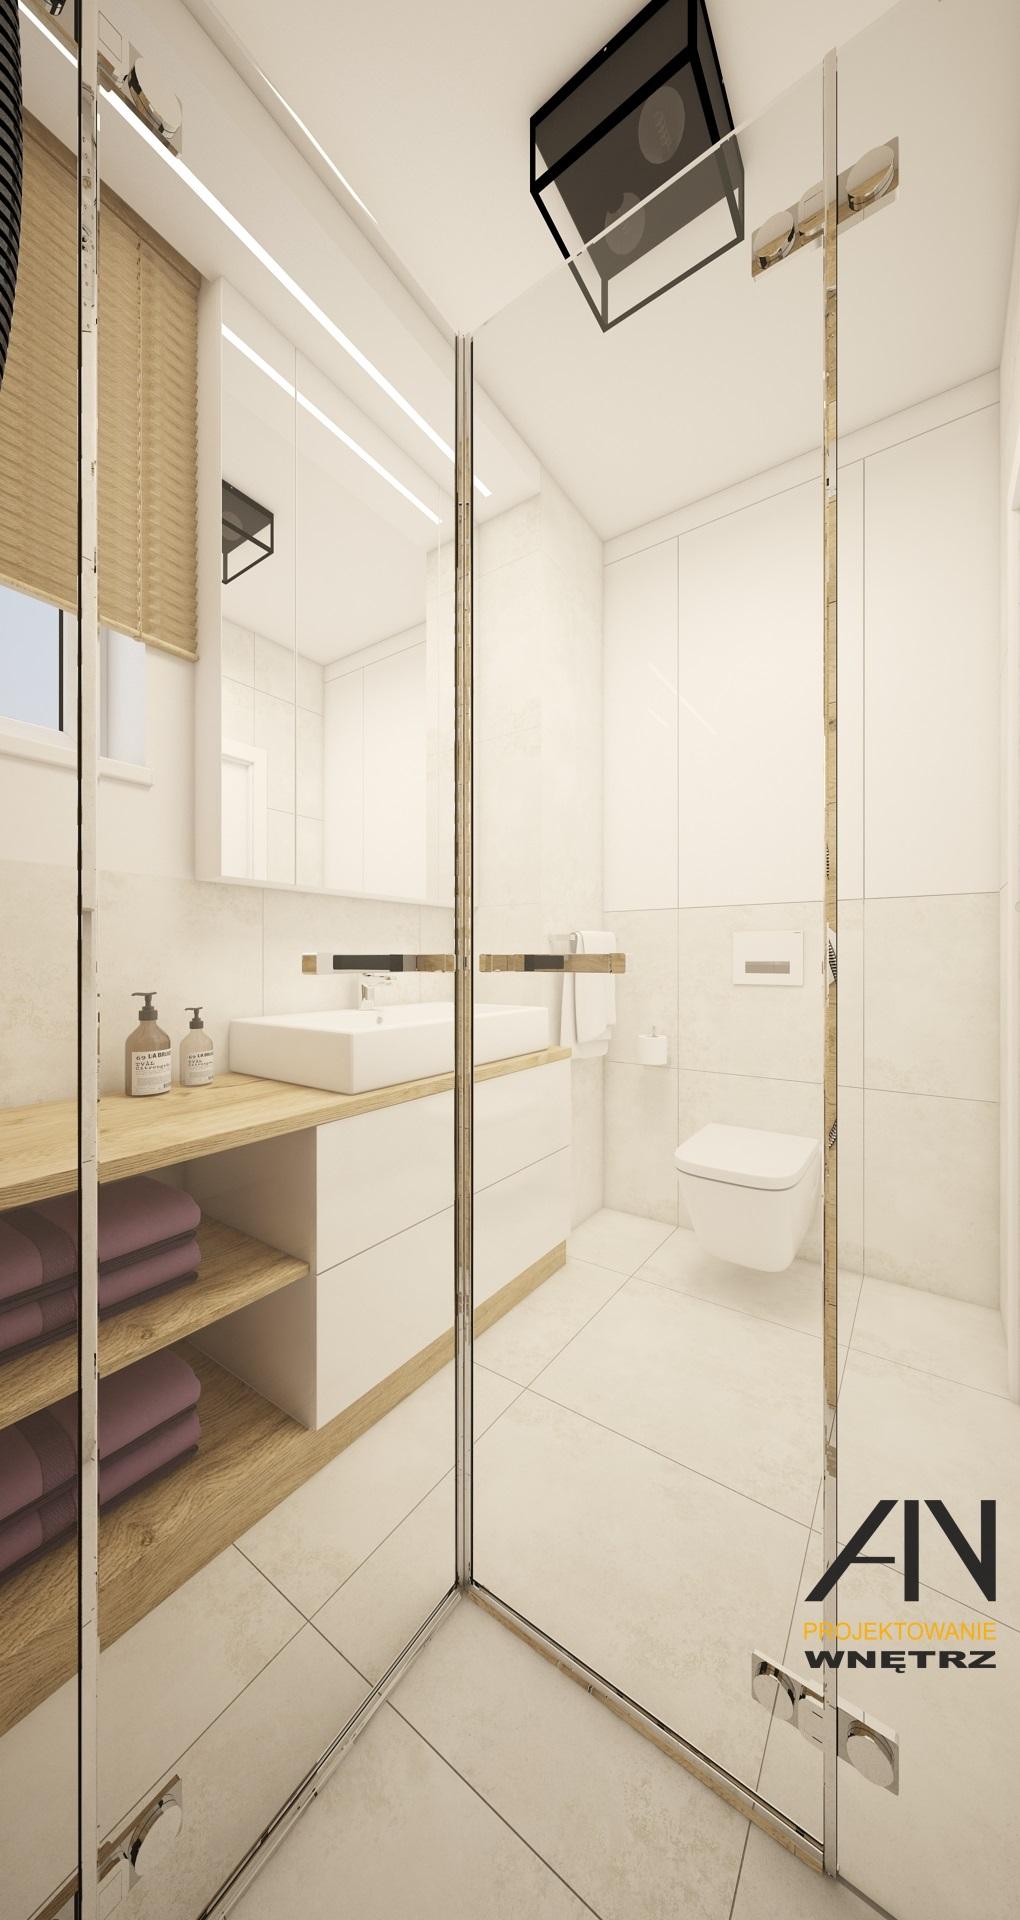 łazienka 3c